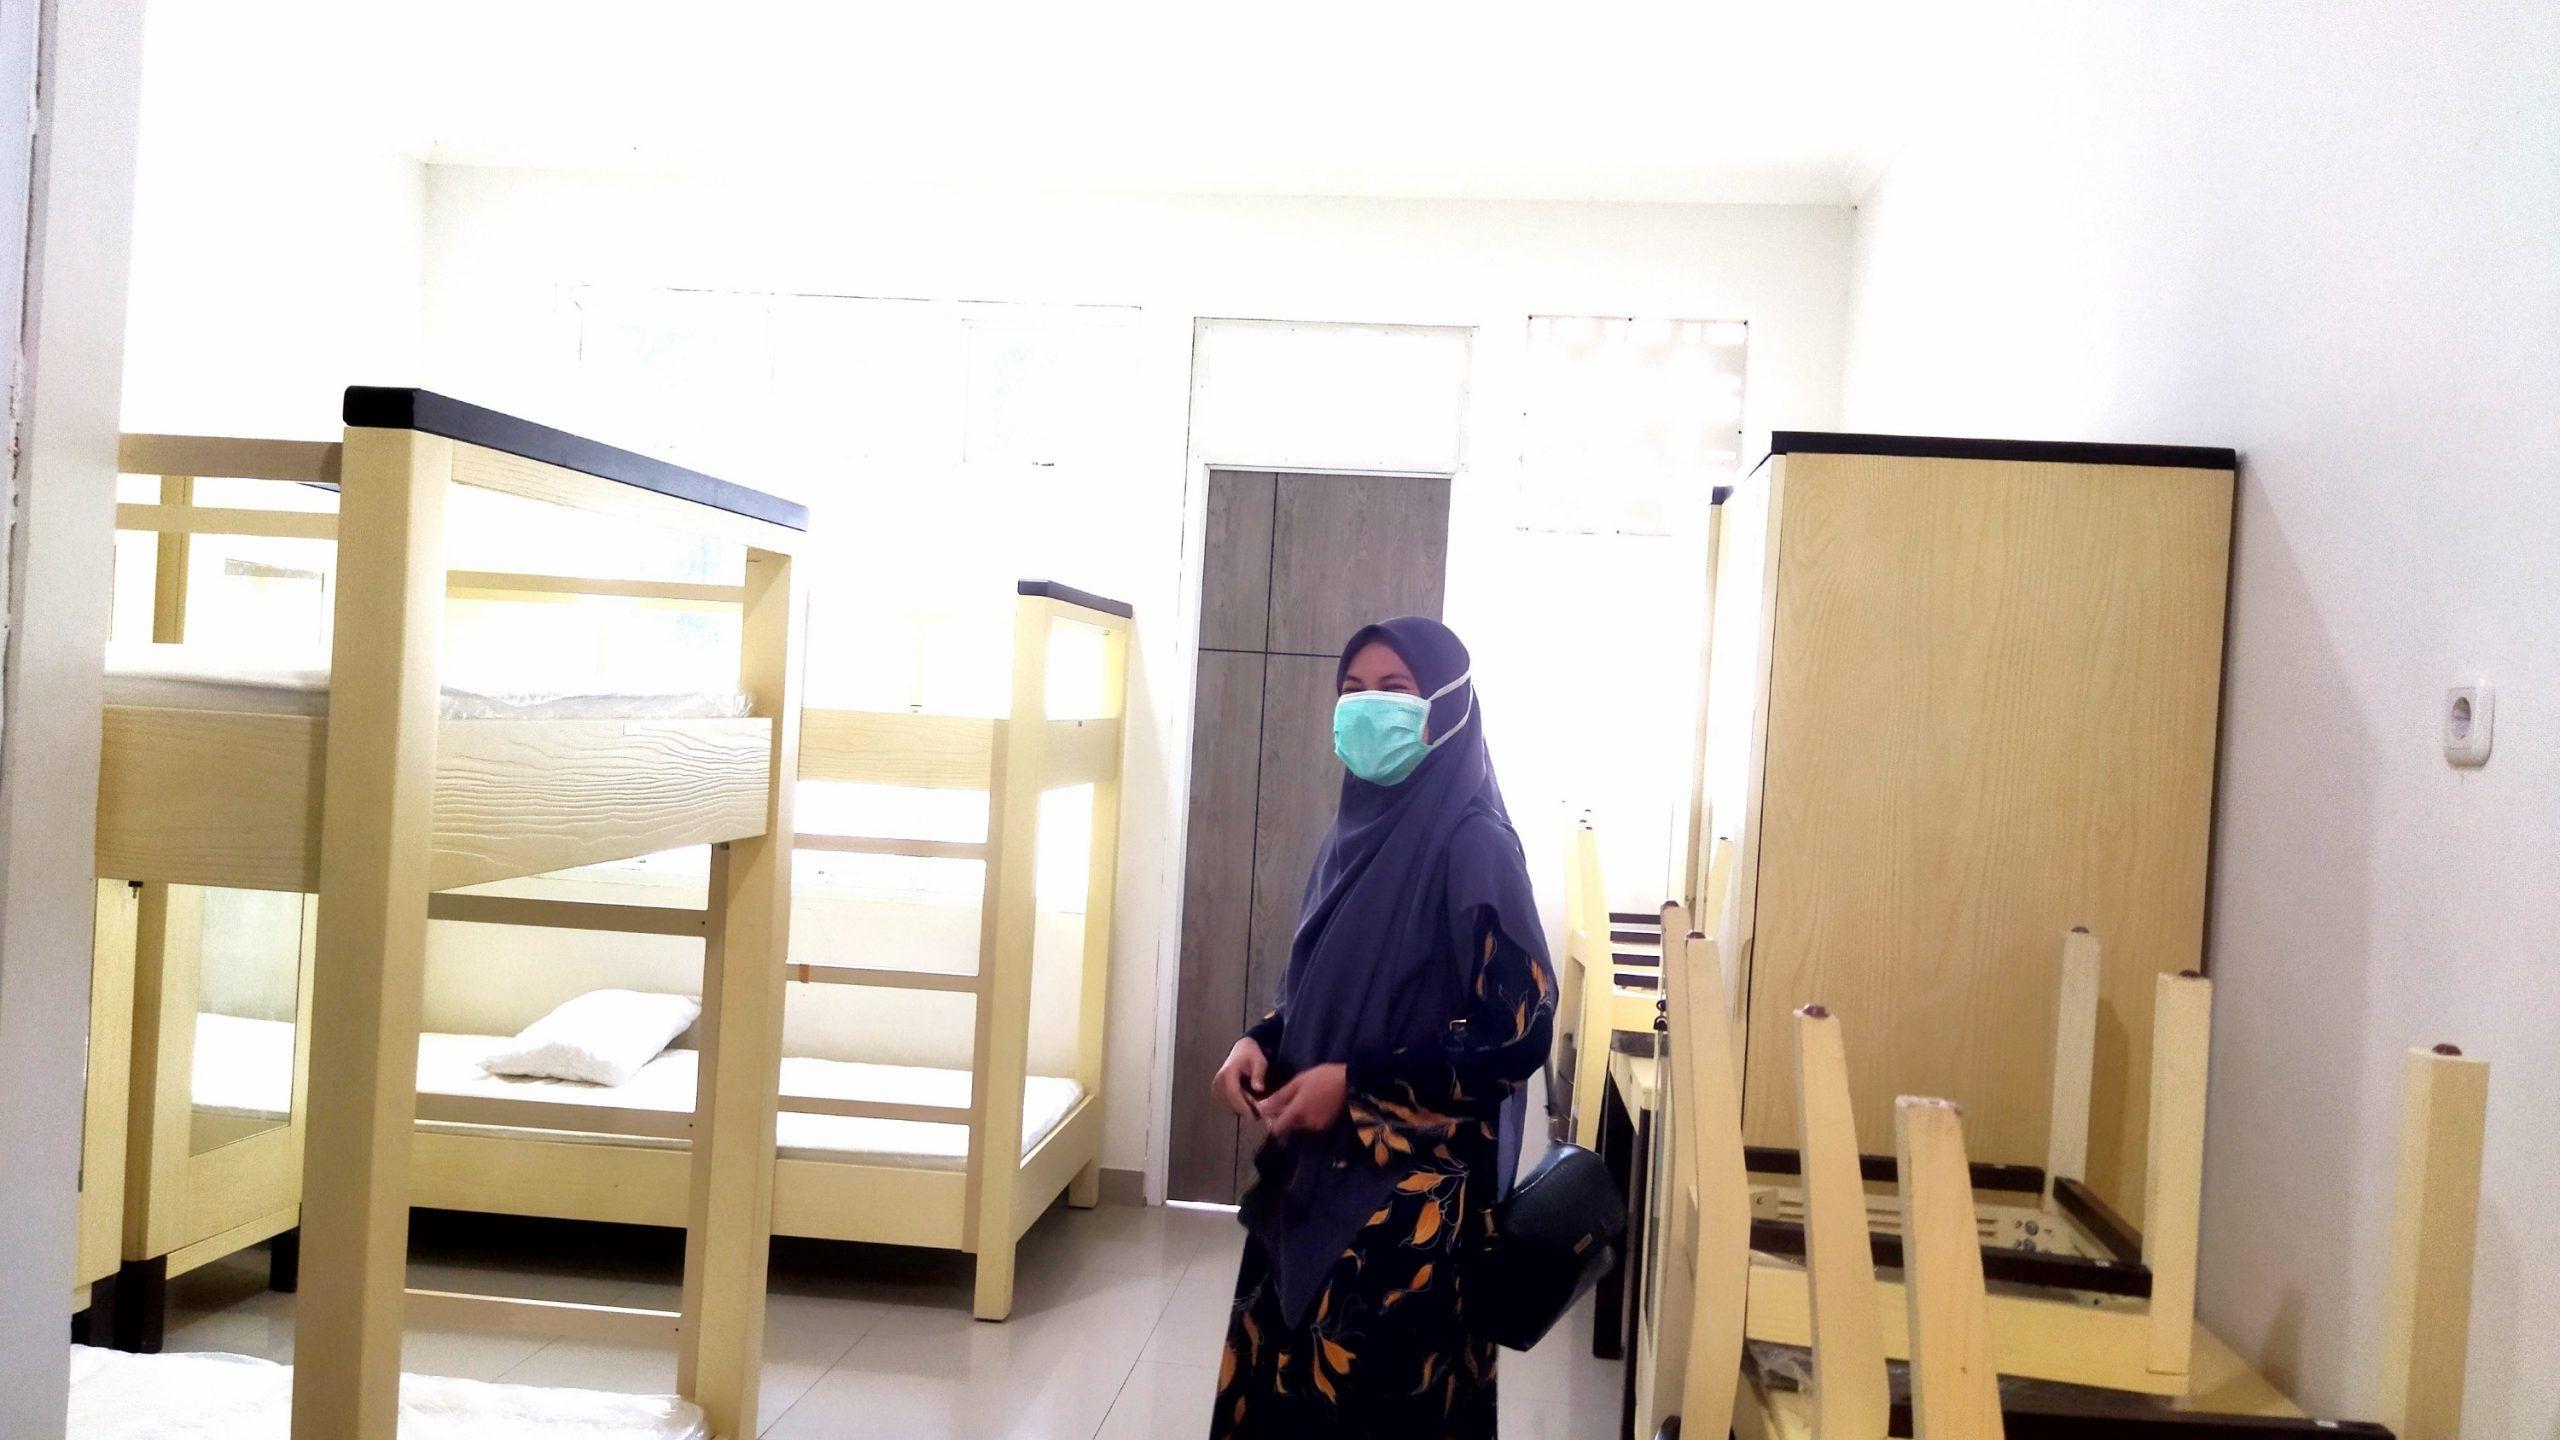 Wiwik Safitri, perawat yang mendedikasikan dirinya melayani pasien positif Covid-19 di isoter YPPI Kota Batu. (Foto: M. Ulul Azmy/Tugu Malang/Tugu Jatim)